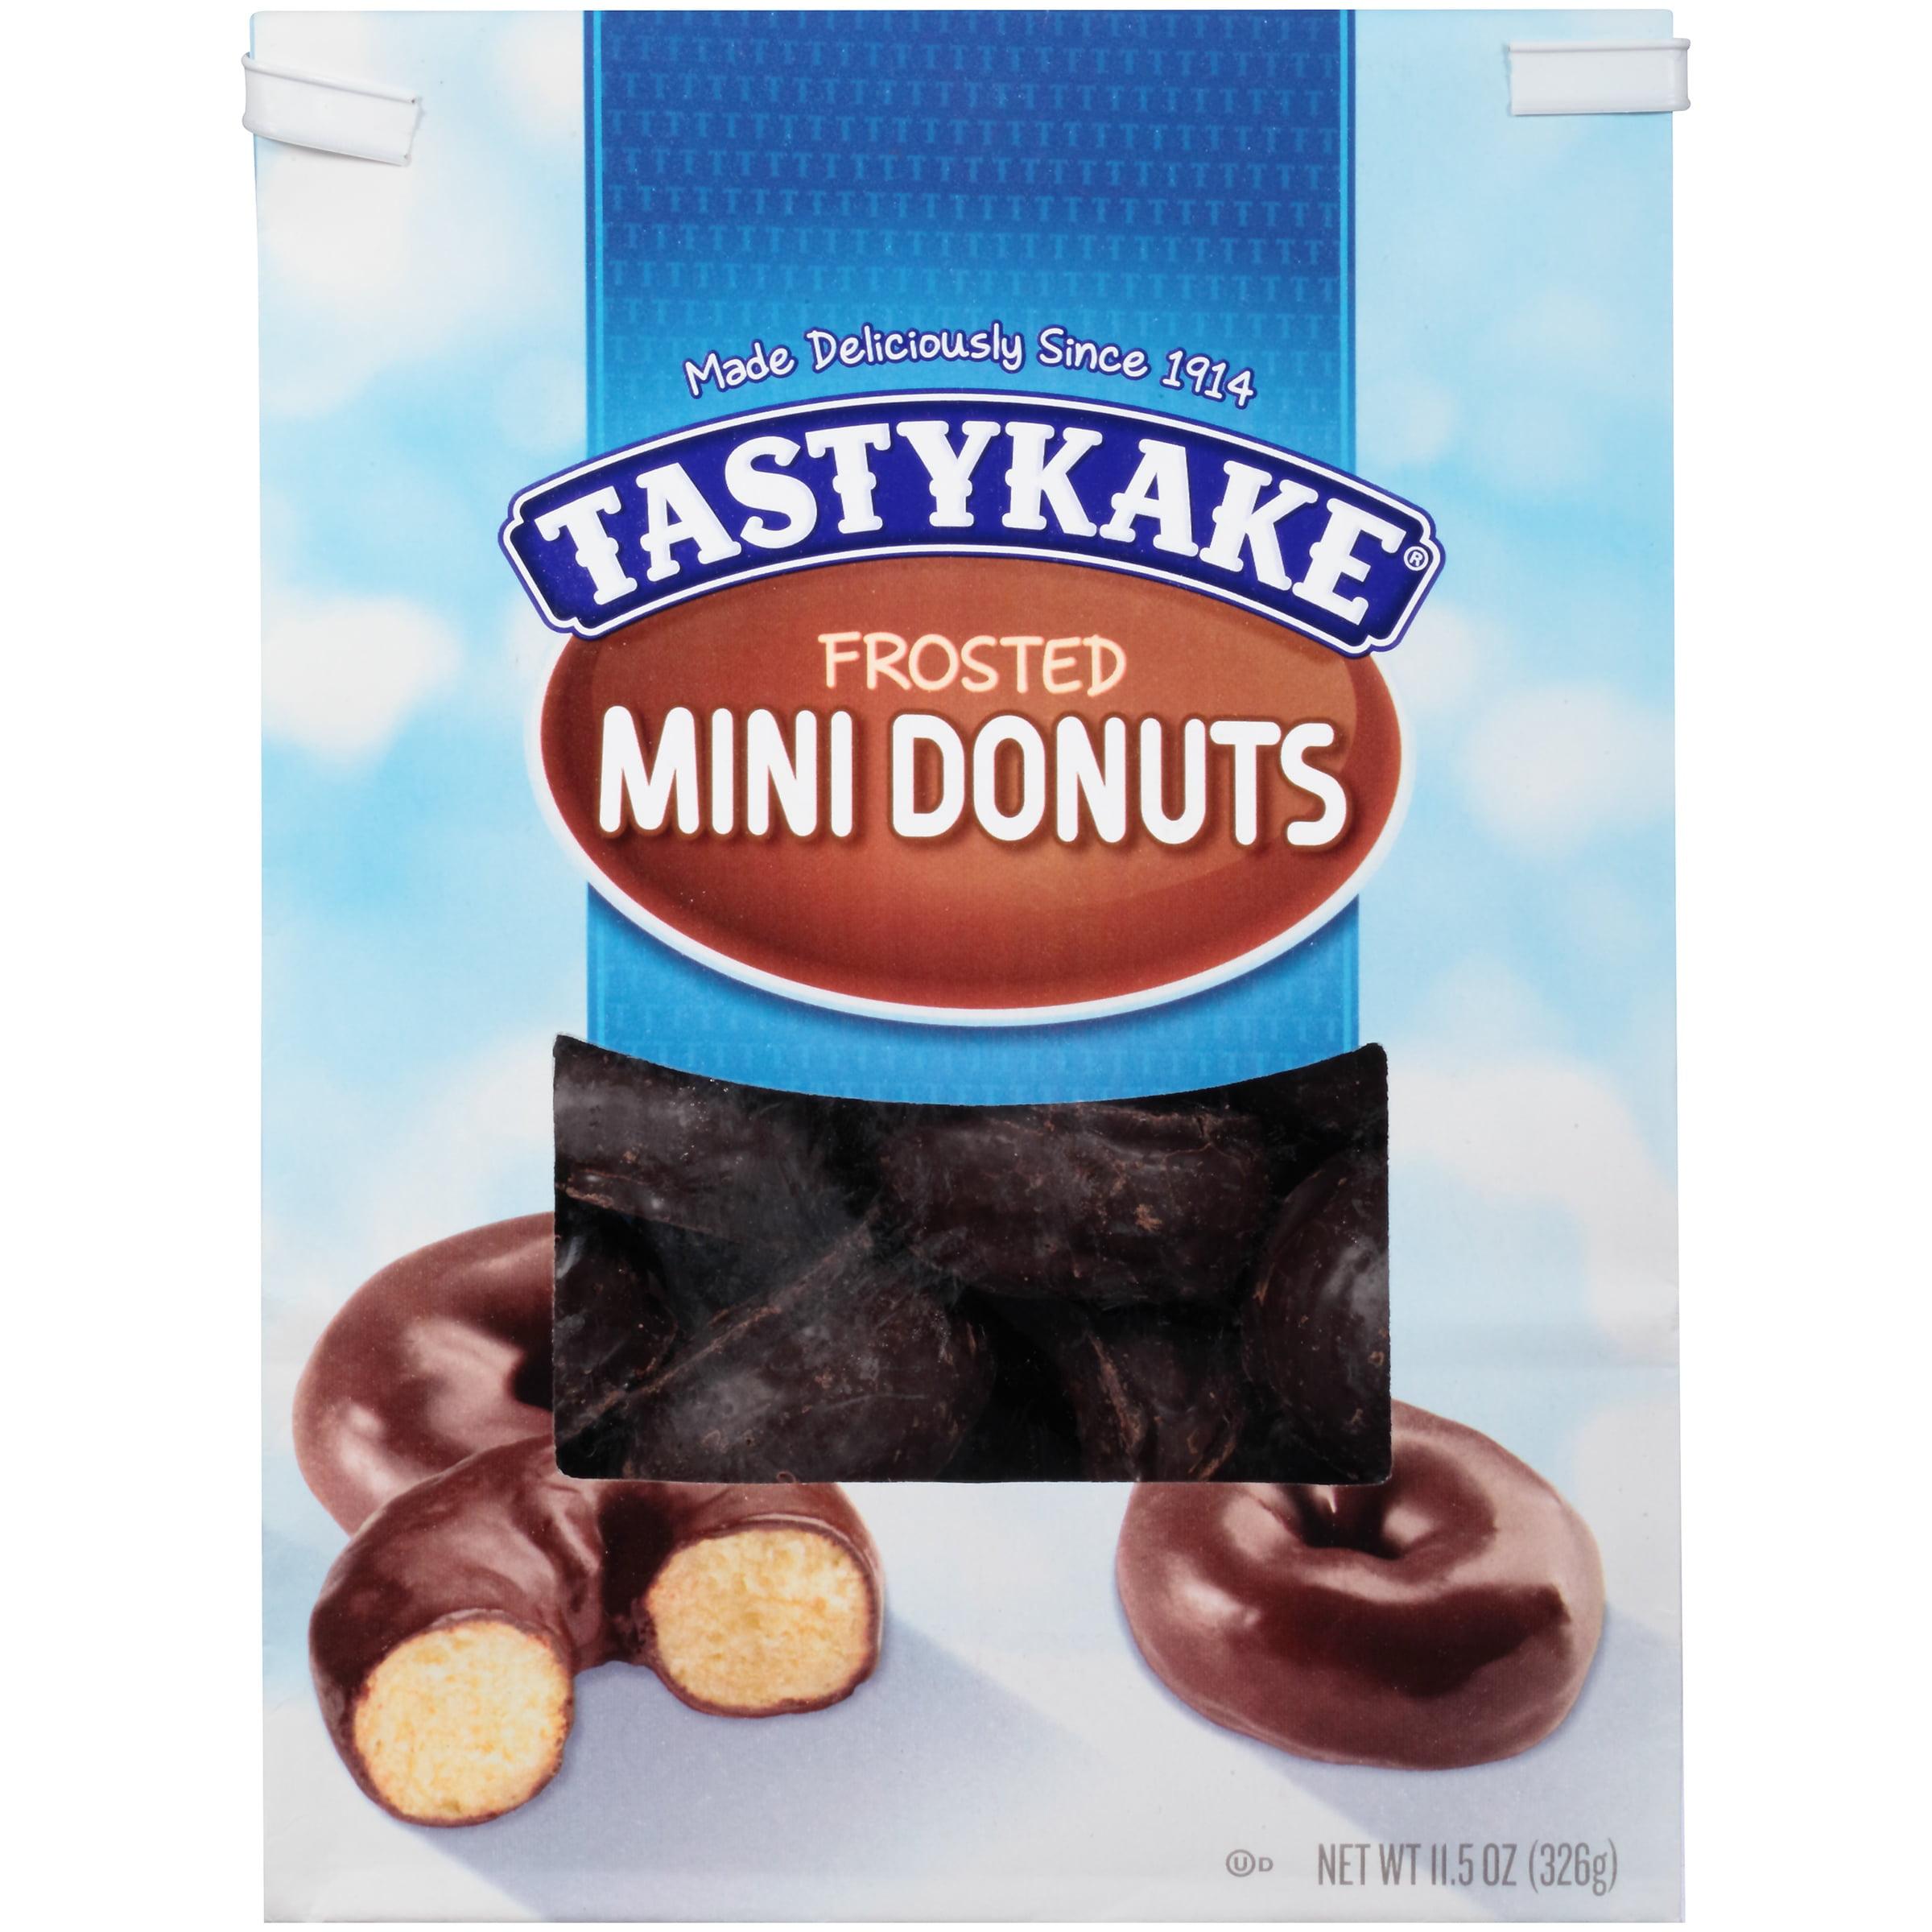 Tastykake® Frosted Mini Donuts 11.5 oz. Bag